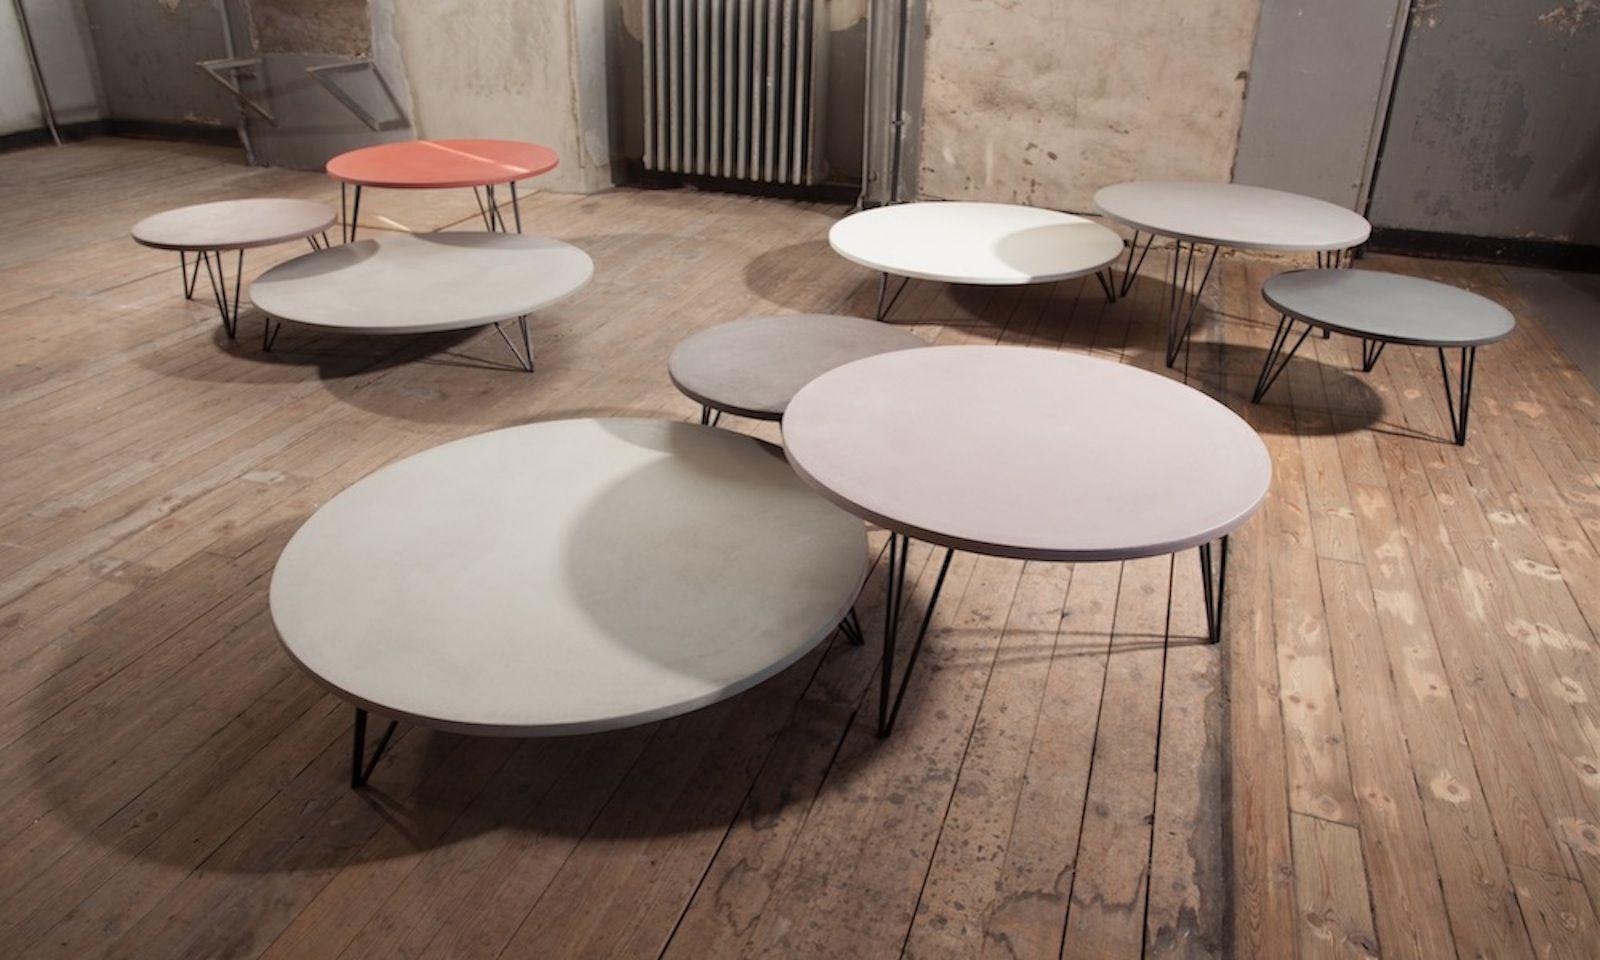 Triss Fabriquant De Mobilier Contemporain Haut De Gamme Table Basse Beton Table Basse Table Basse Ronde